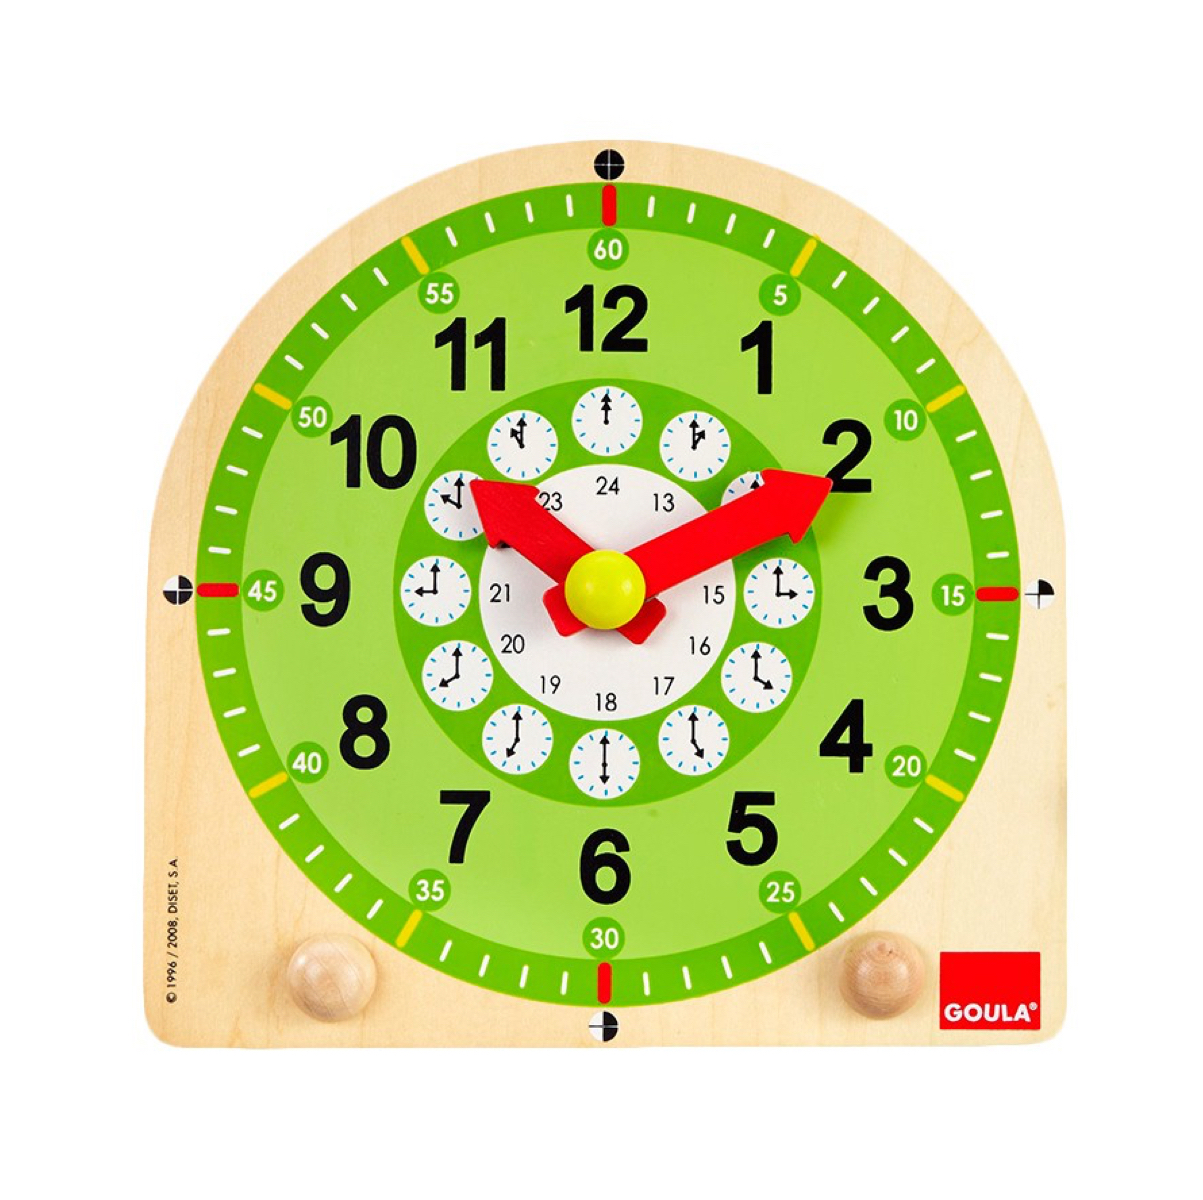 reloj-escolar-madera-de-goula-en-el-mundo-de-mico